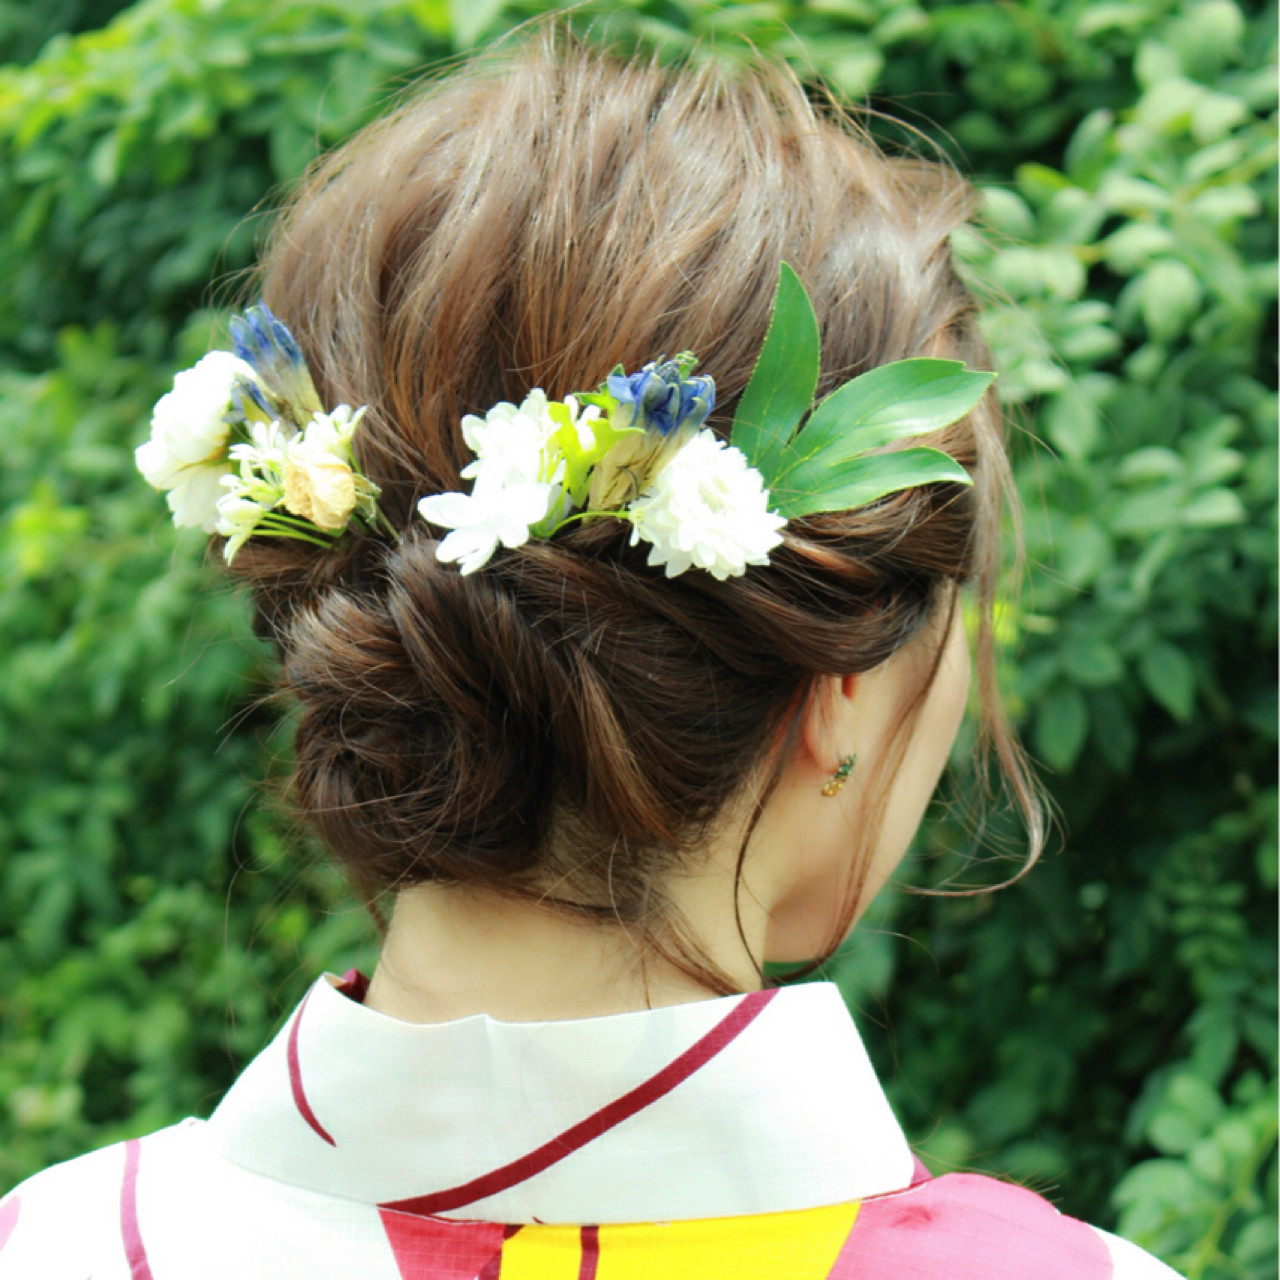 ヘアアレンジ フェミニン ナチュラル お祭り ヘアスタイルや髪型の写真・画像